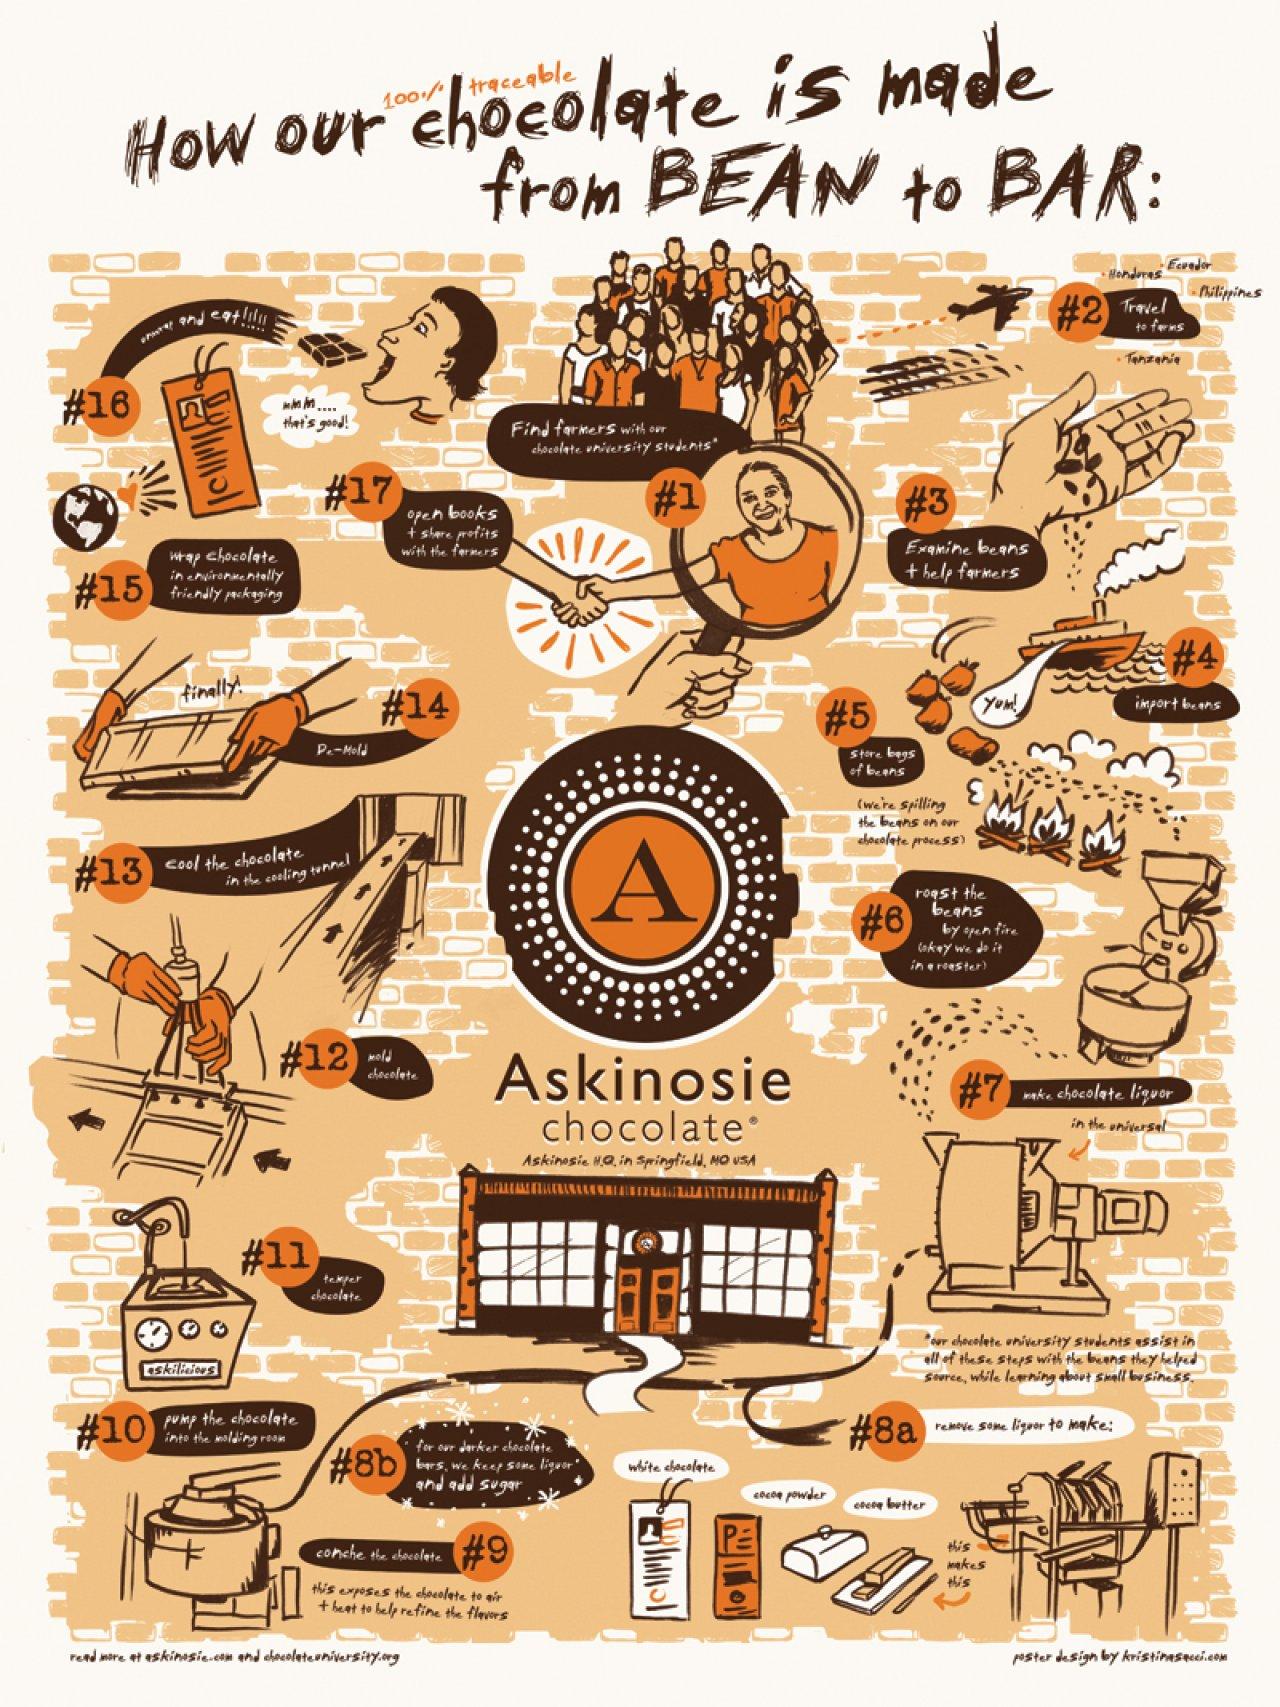 Askinosie Bean To Bar Poster Galleries Askinosie